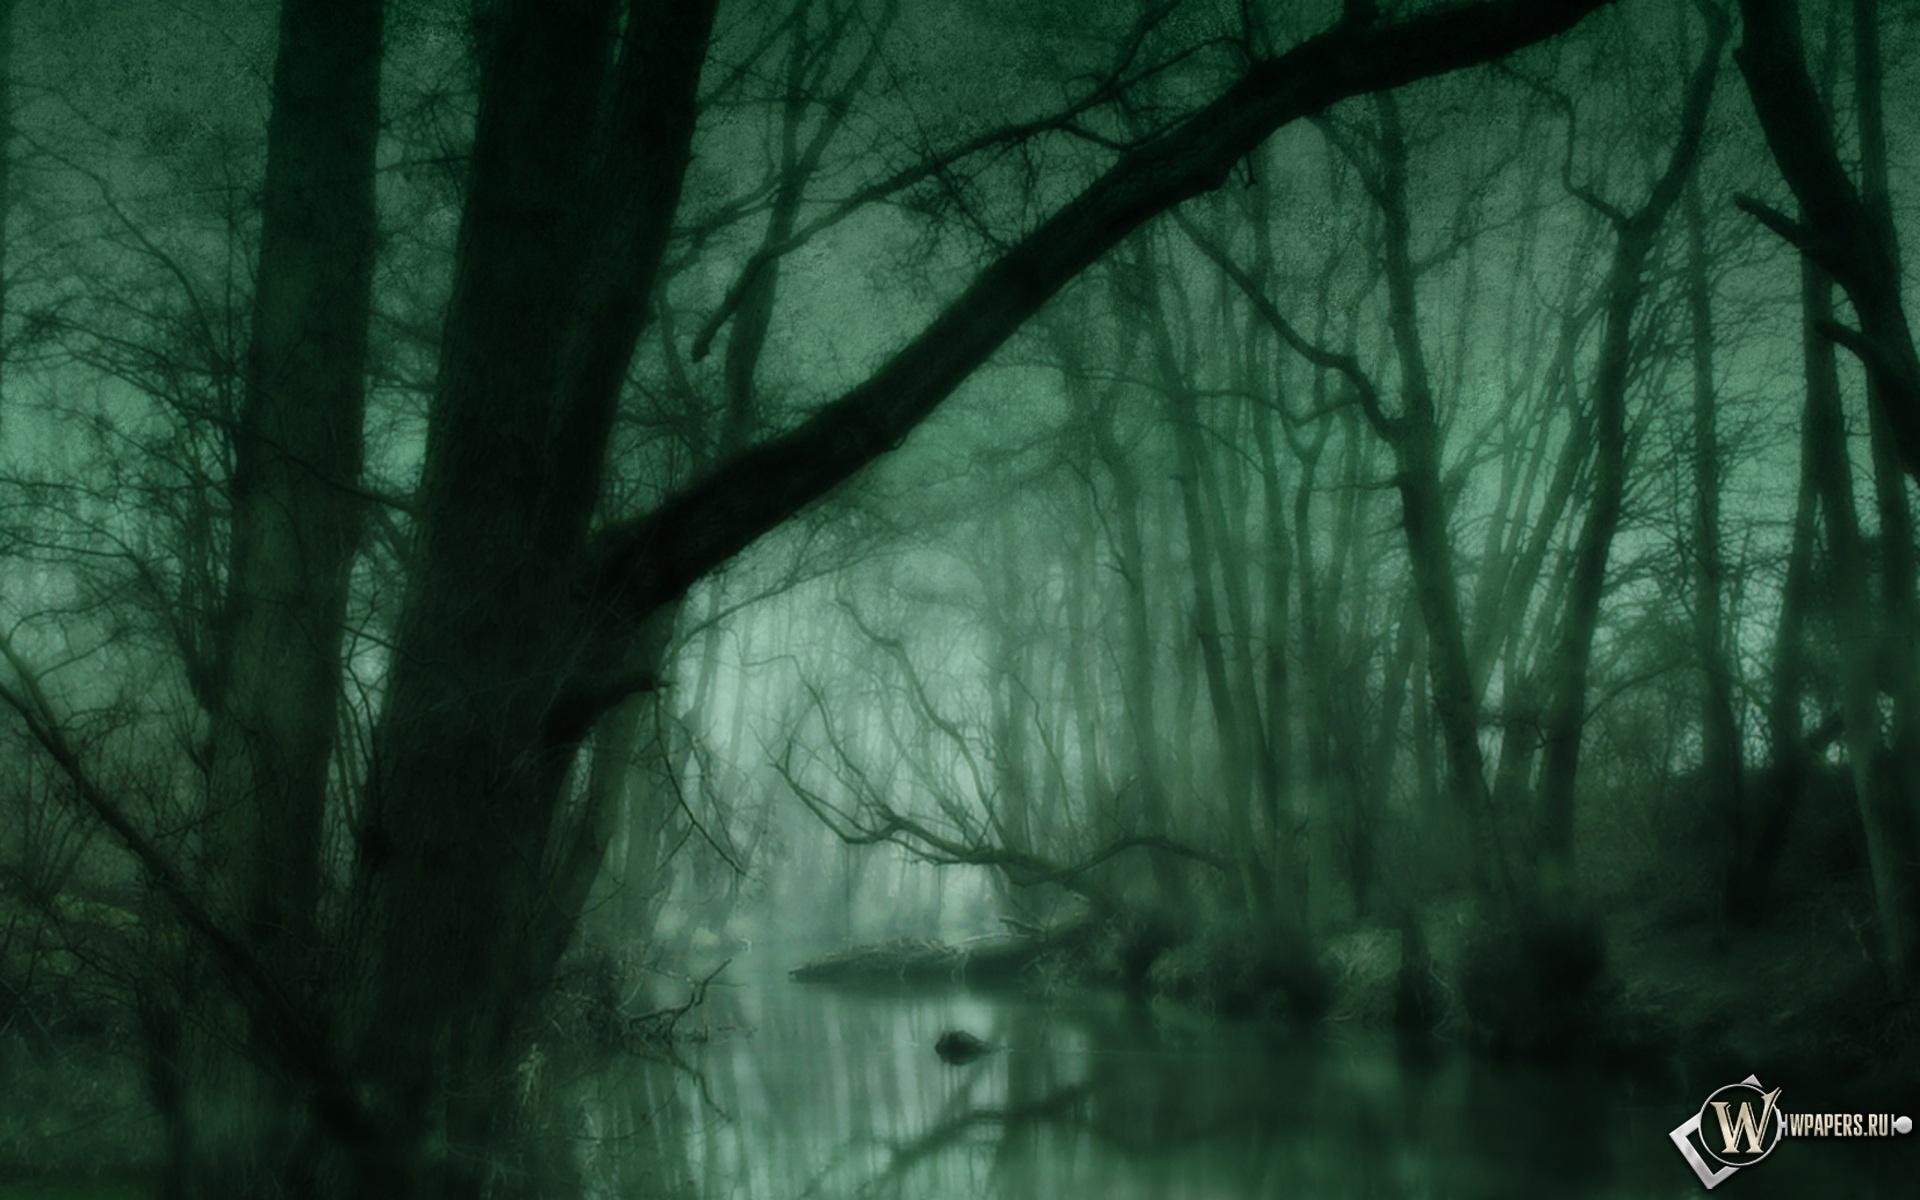 Зеленое болото 1920x1200